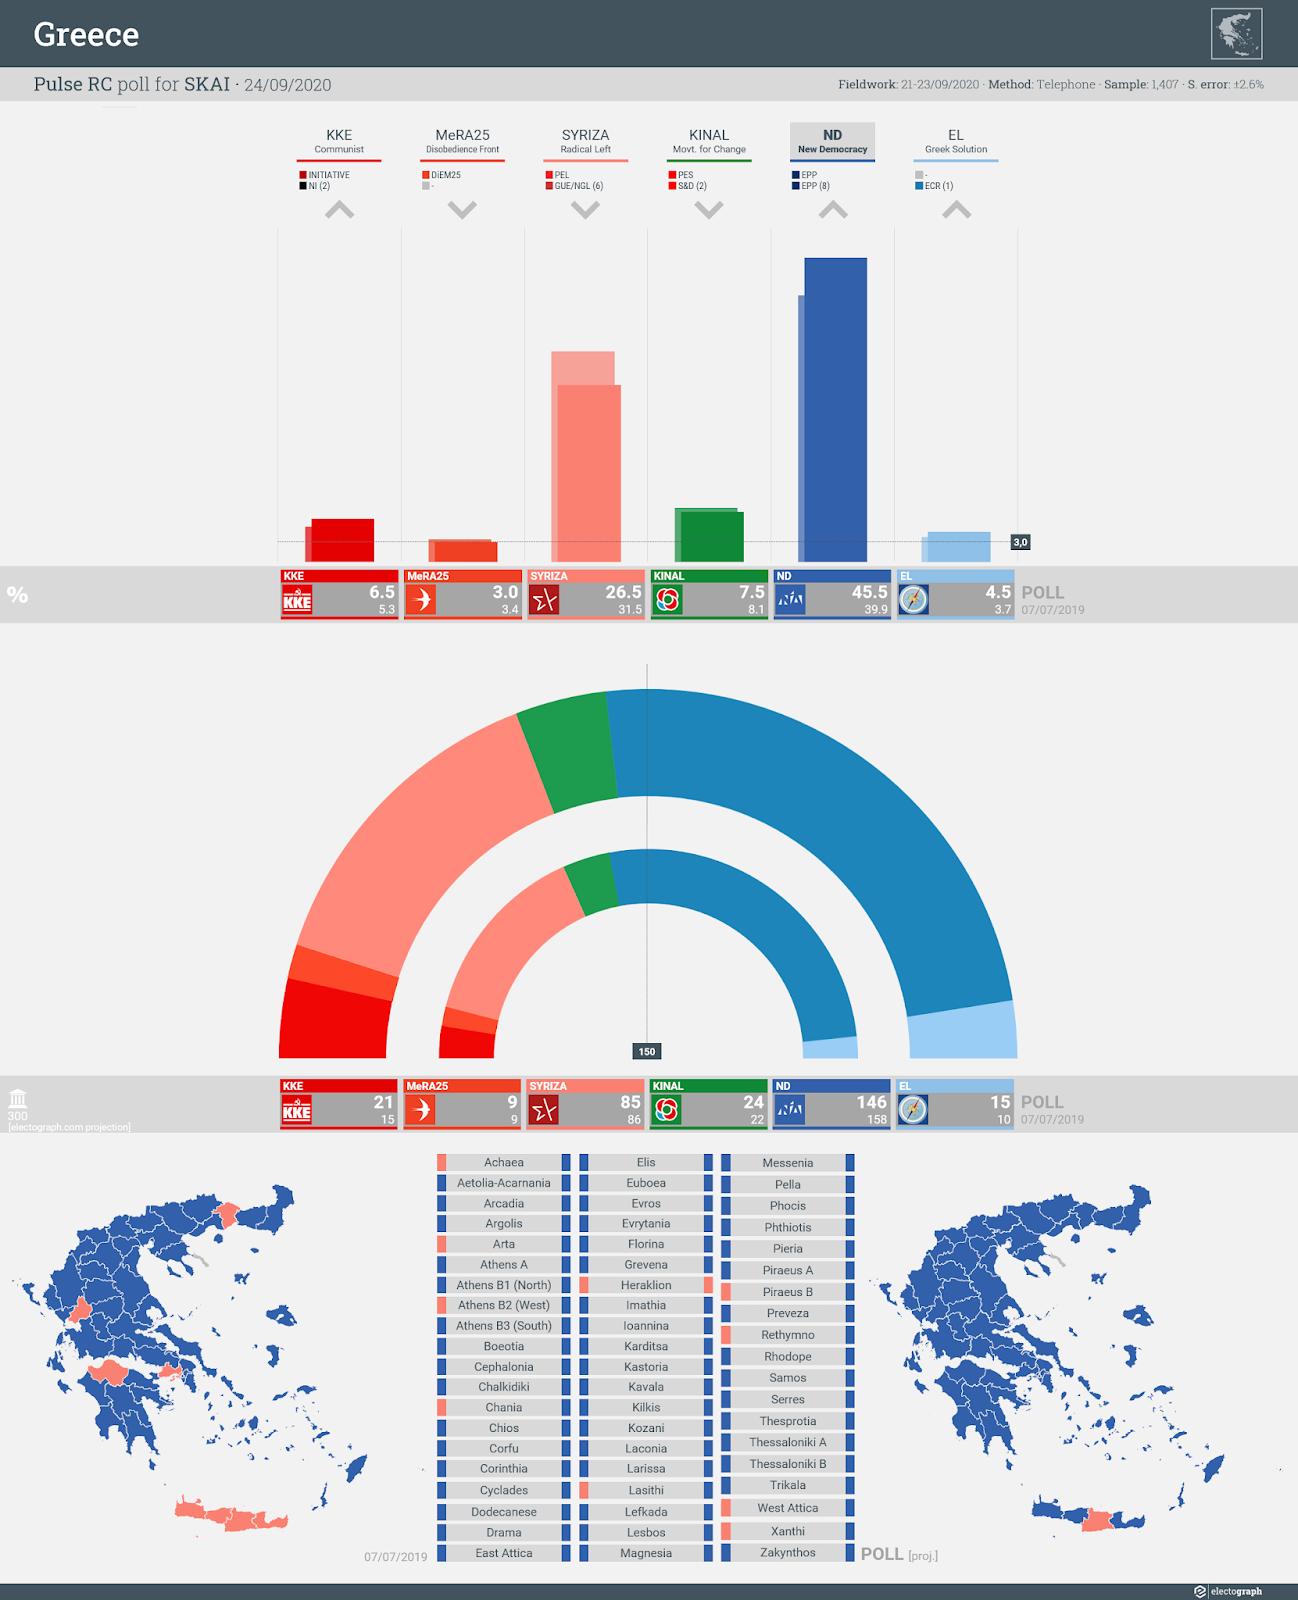 GREECE: Pulse RC poll chart for SKAI, 24 September 2020